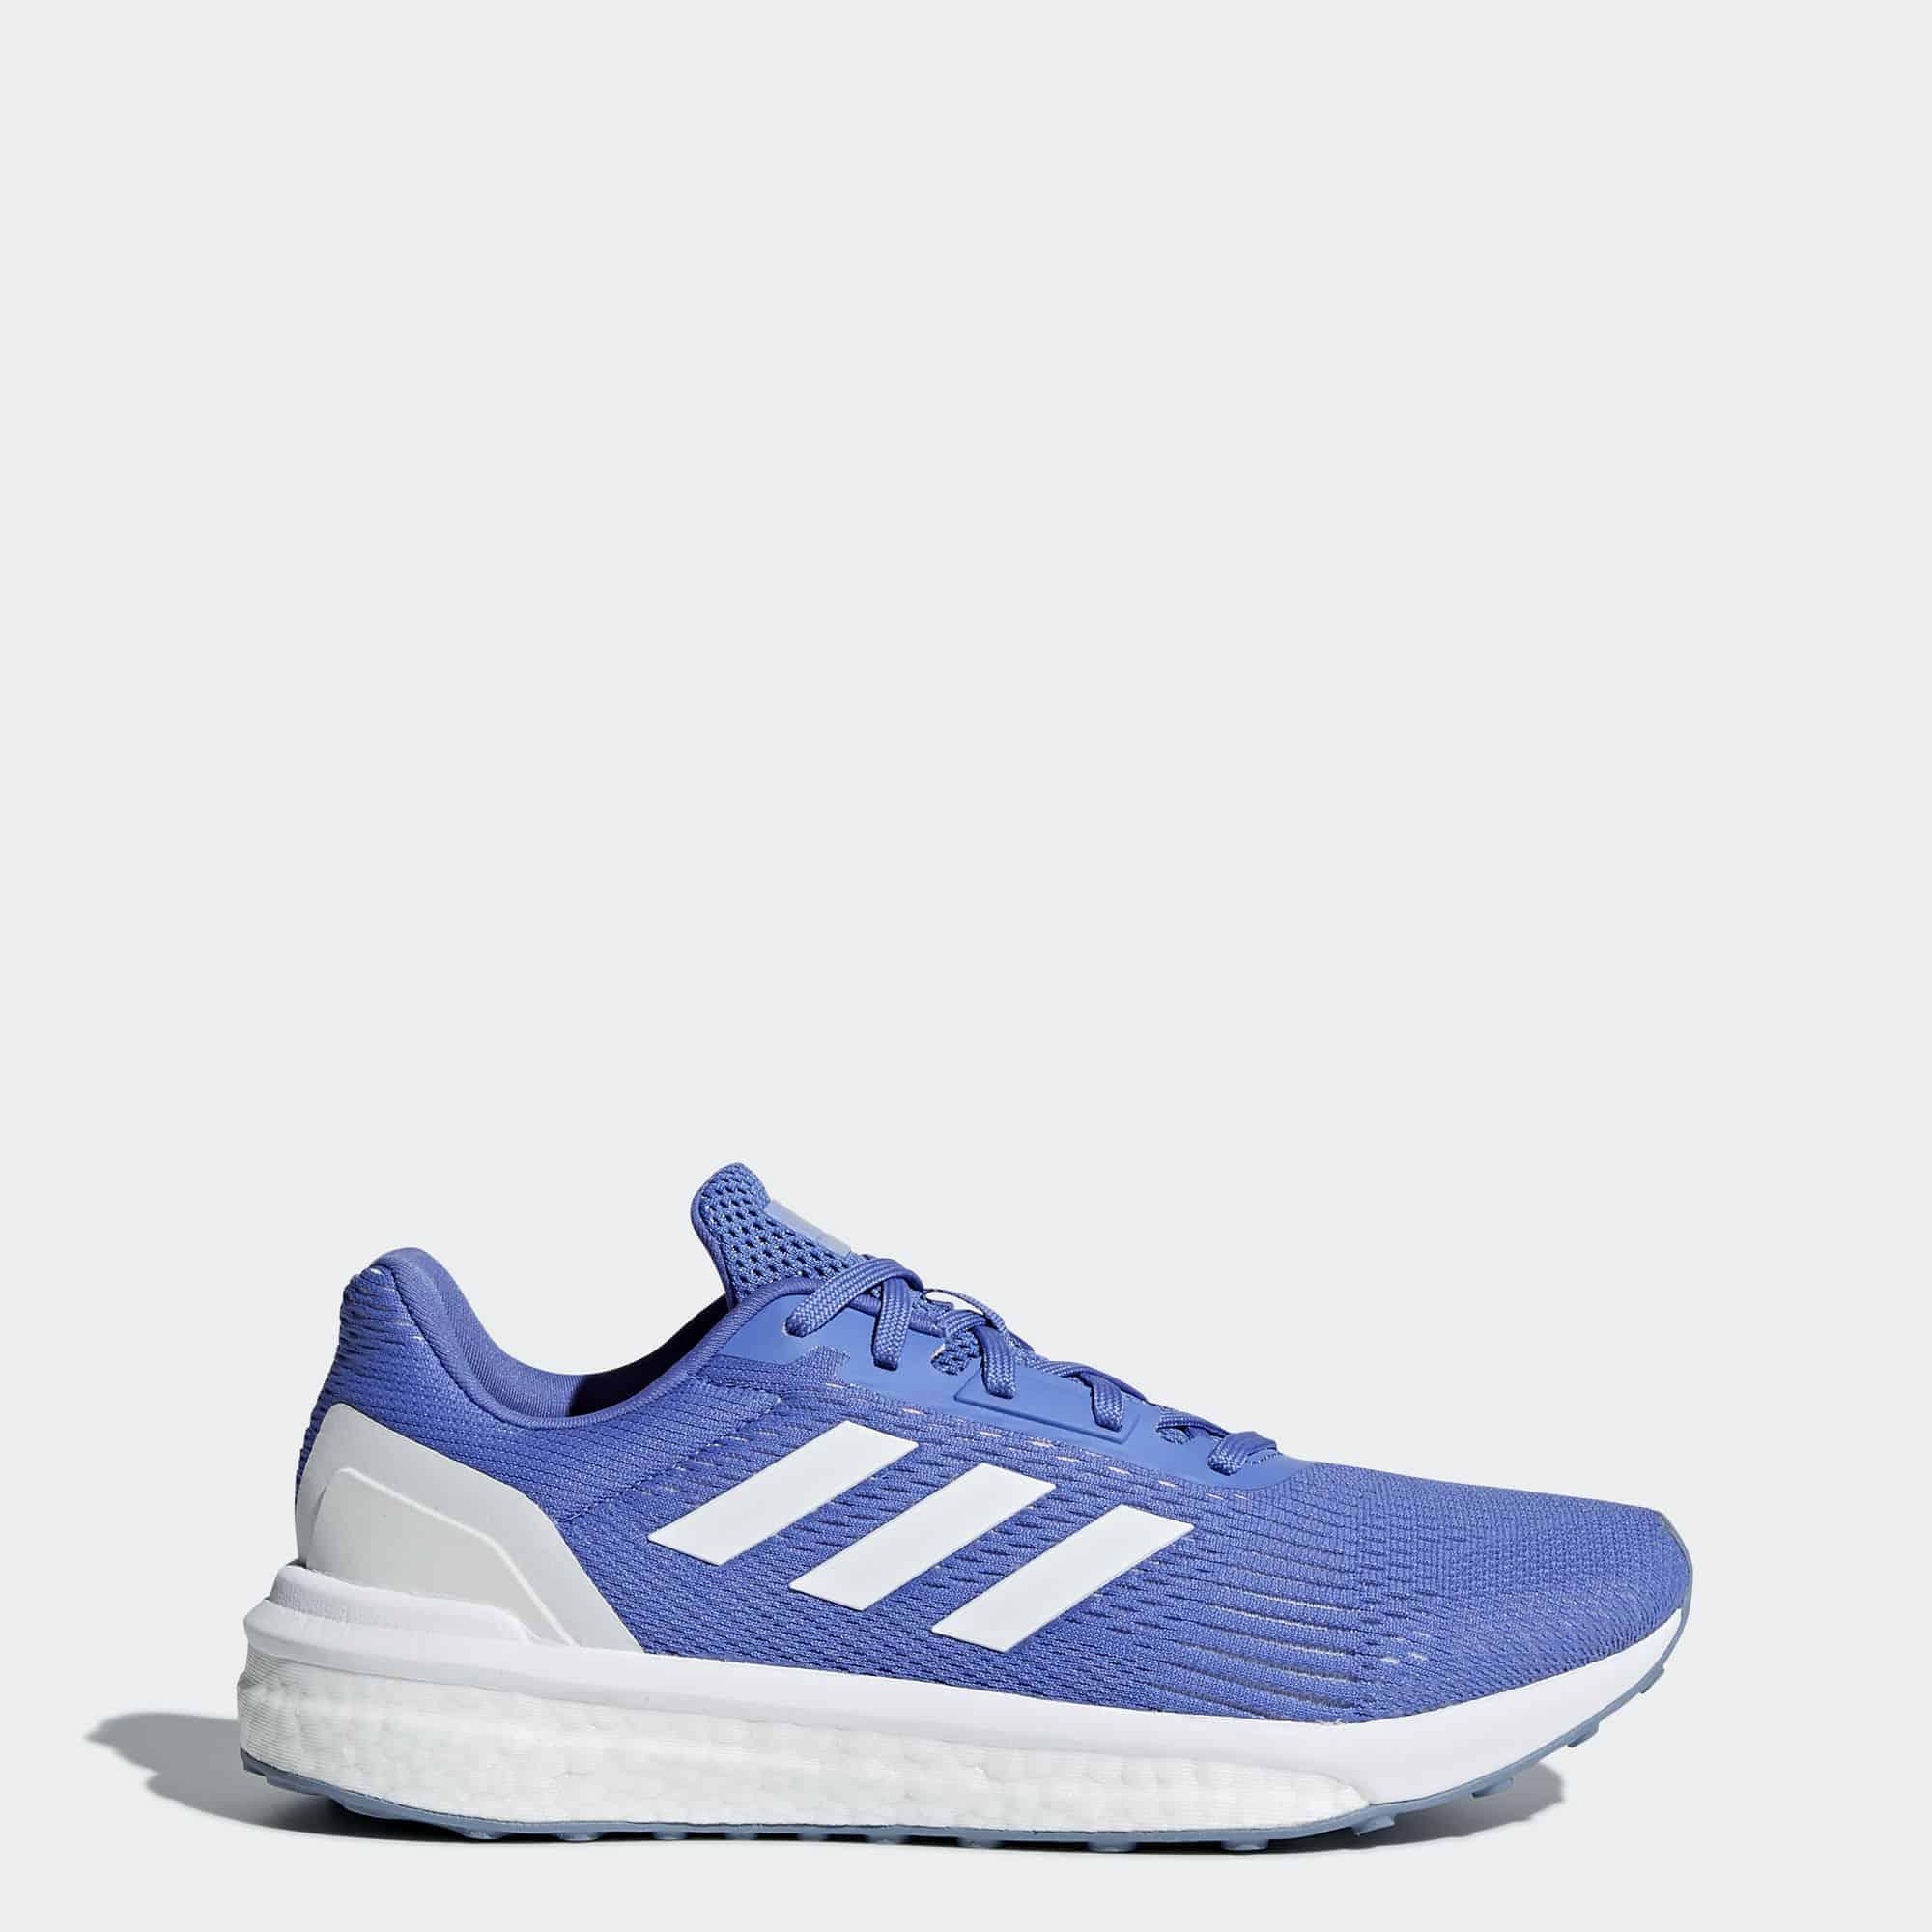 Кроссовки для бега Adidas Solar Drive ST женские